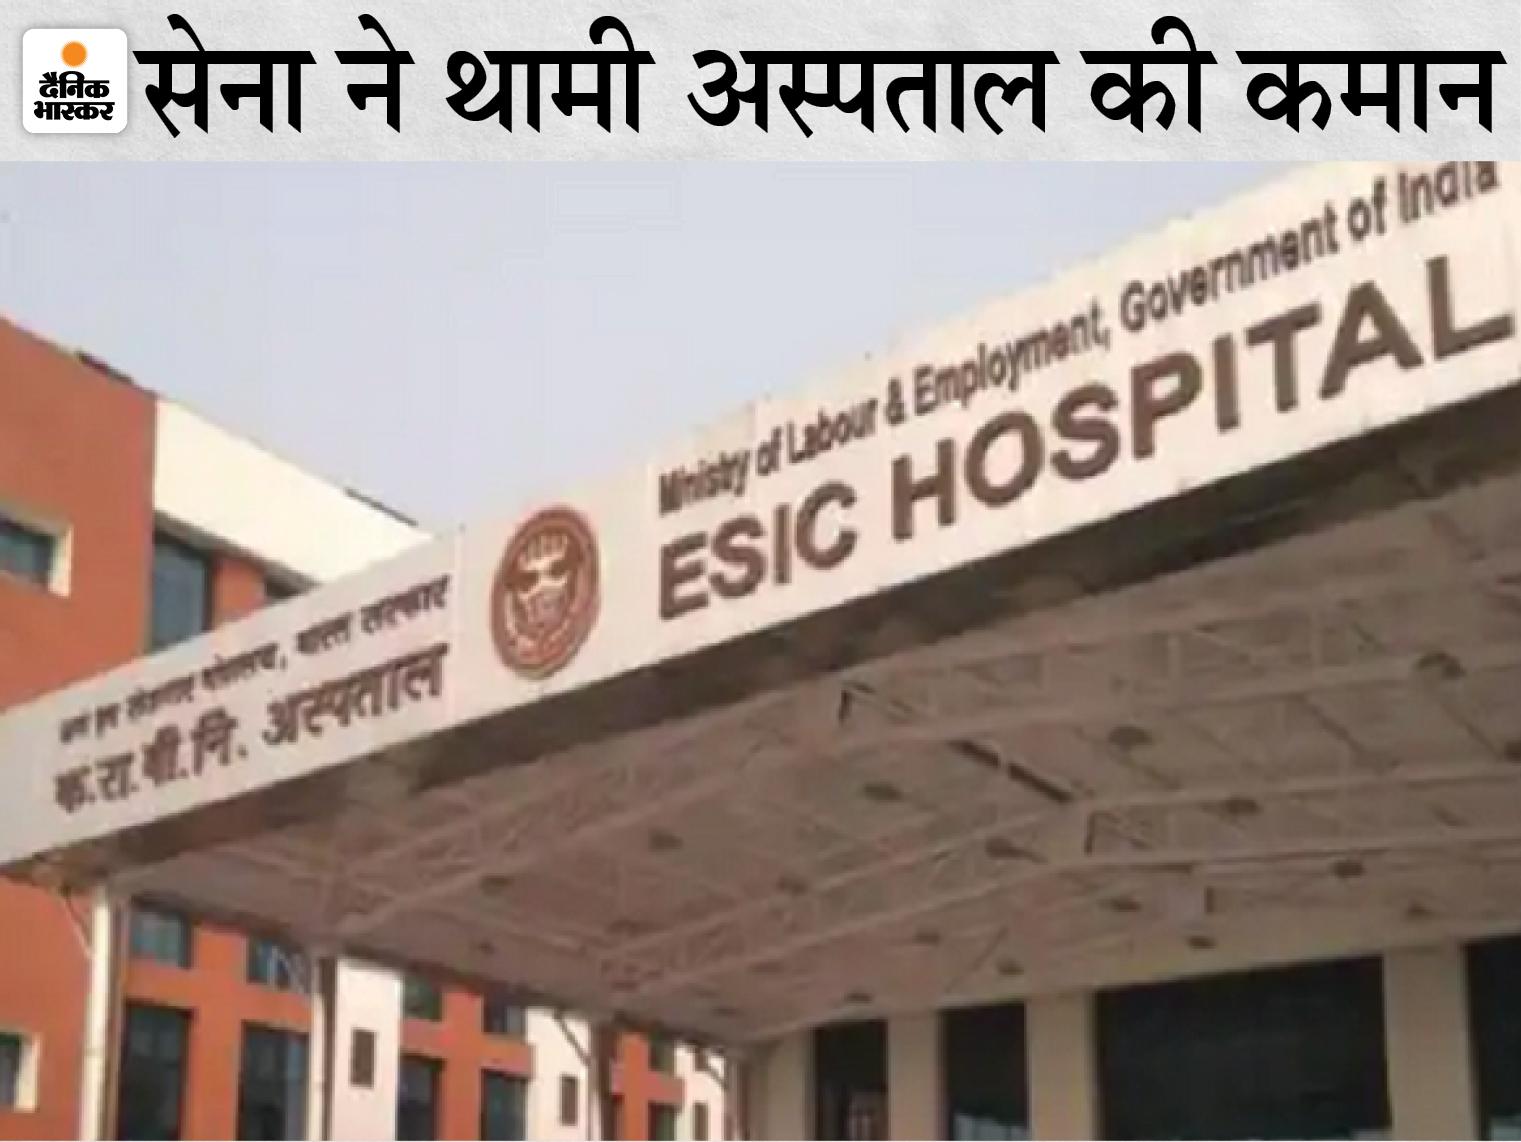 बिहटा ESIC पहुंचे आर्मी के 80 कर्मी, कोरोना मरीजों के लिए ICU वाले 100 सहित 500 बेड तीन दिन में शुरू होंगे|बिहार,Bihar - Dainik Bhaskar